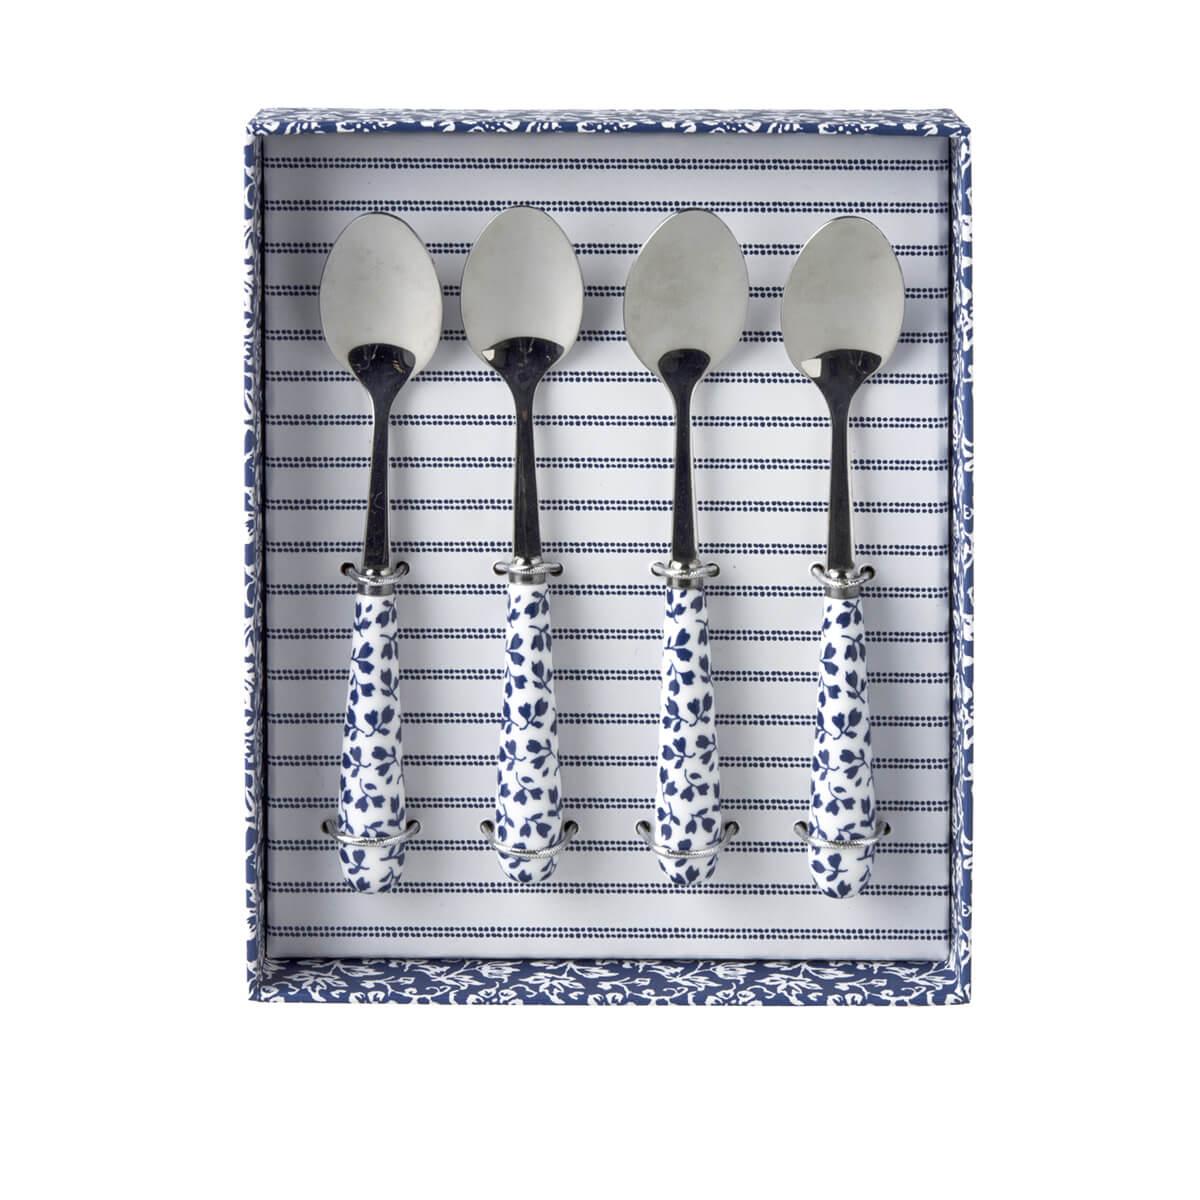 Онлайн каталог PROMENU: Набор ложек чайных Laura Ashley BLUEPRINT, белый в синий цветочек, 4 штуки в наборе                               178807